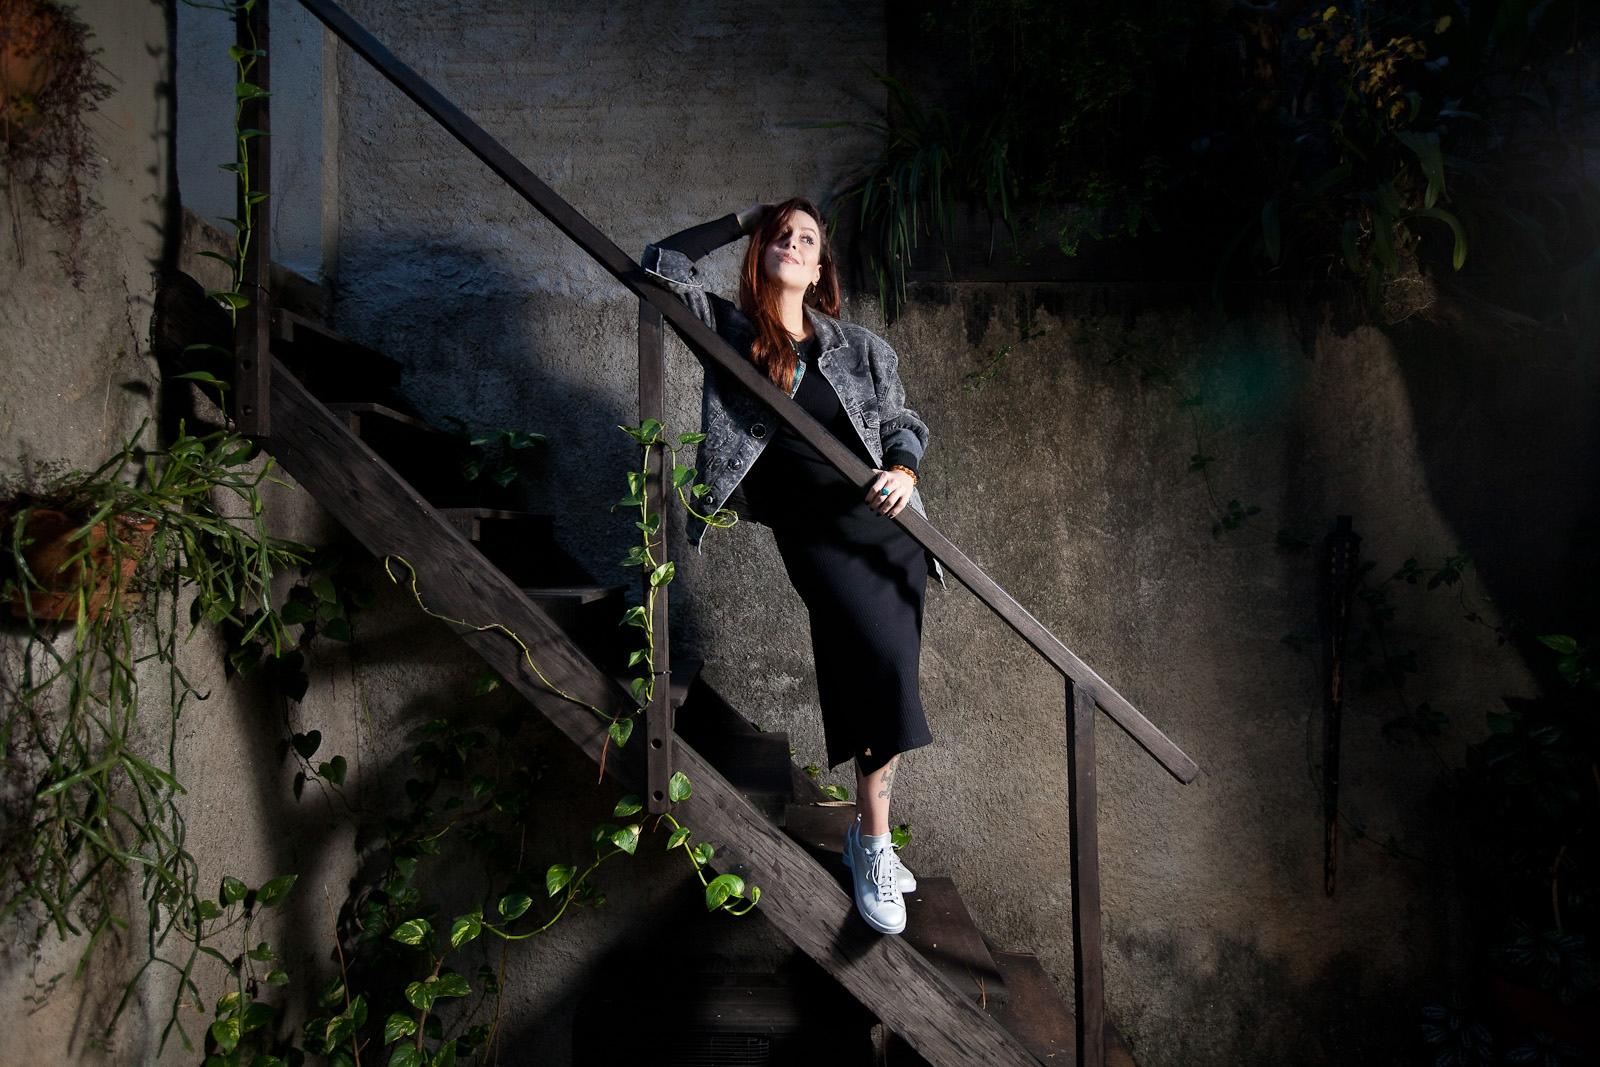 Pitti, cantora para coluna Mônica Bergamo, Folha de São Paulo / Pitti, singer for Monica Bergamo column, Folha de Sao Paulo